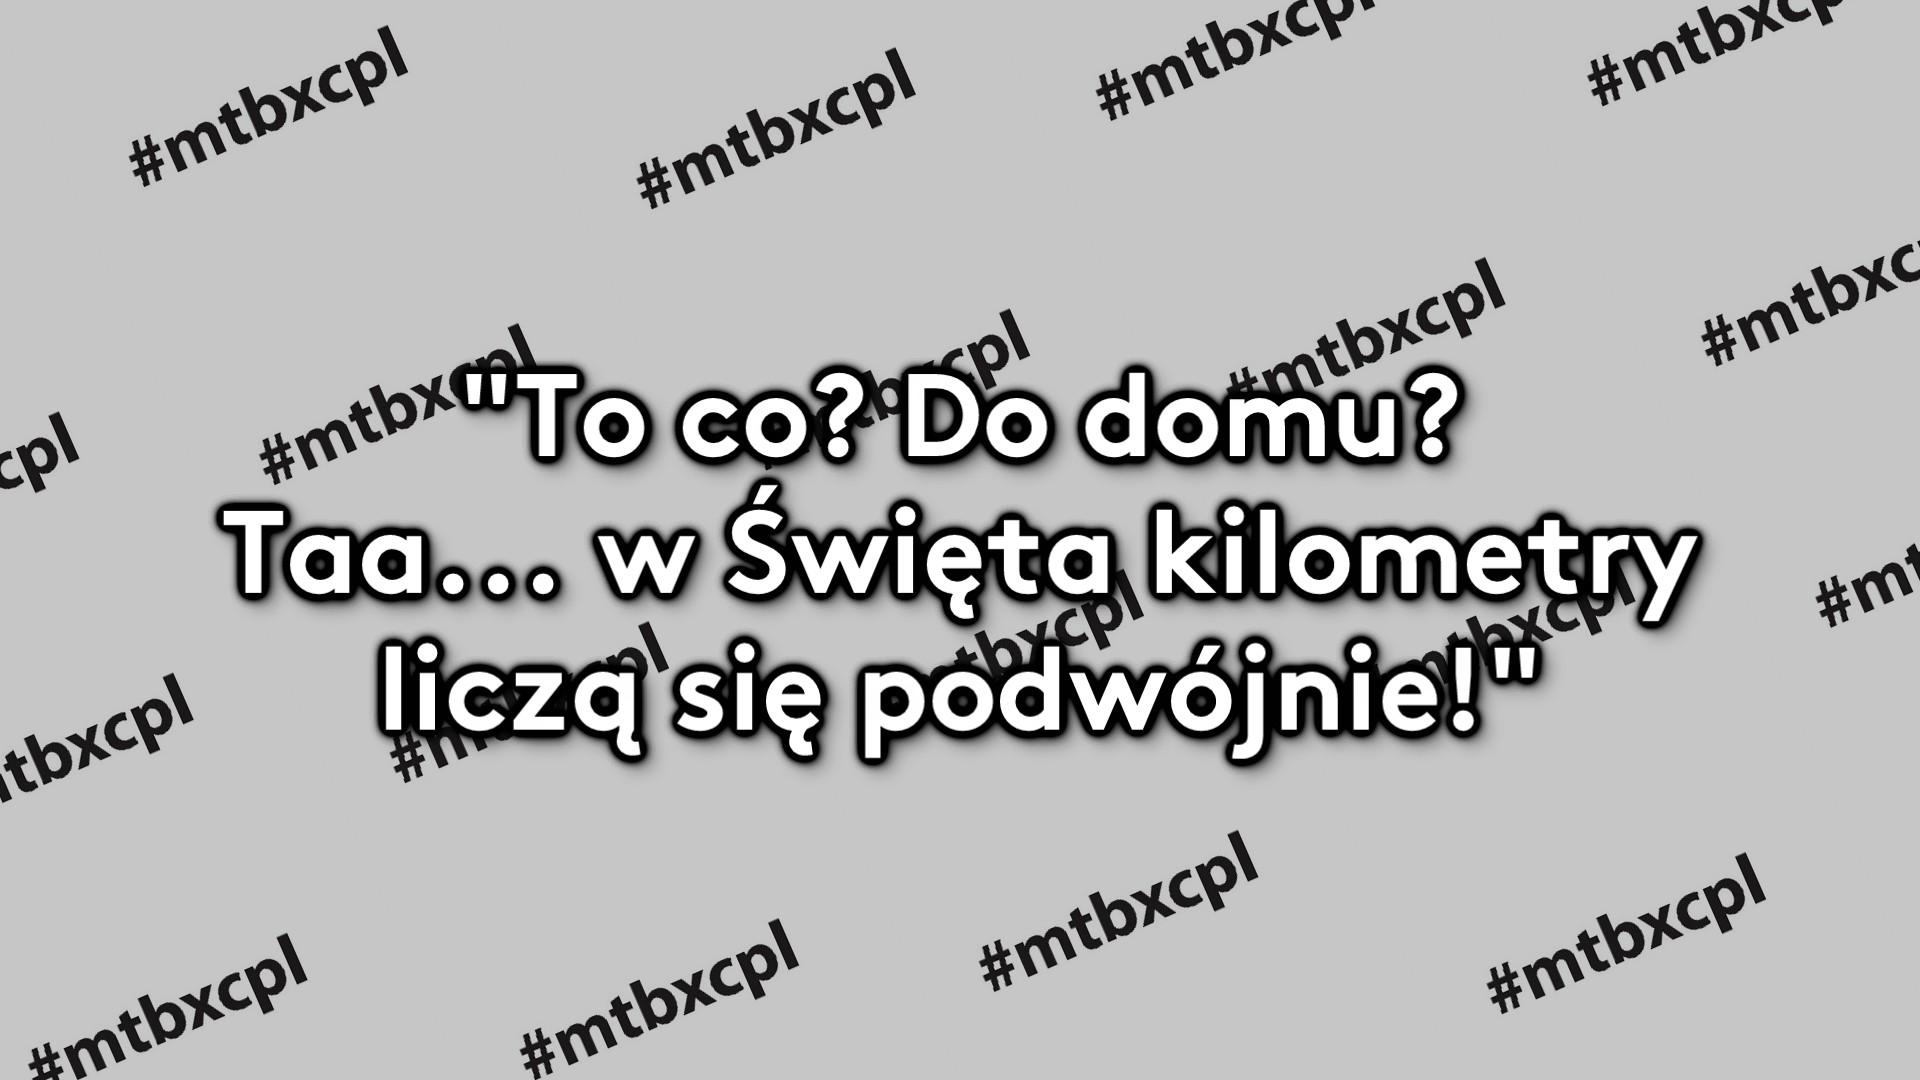 tekst mtbxcpl_000011